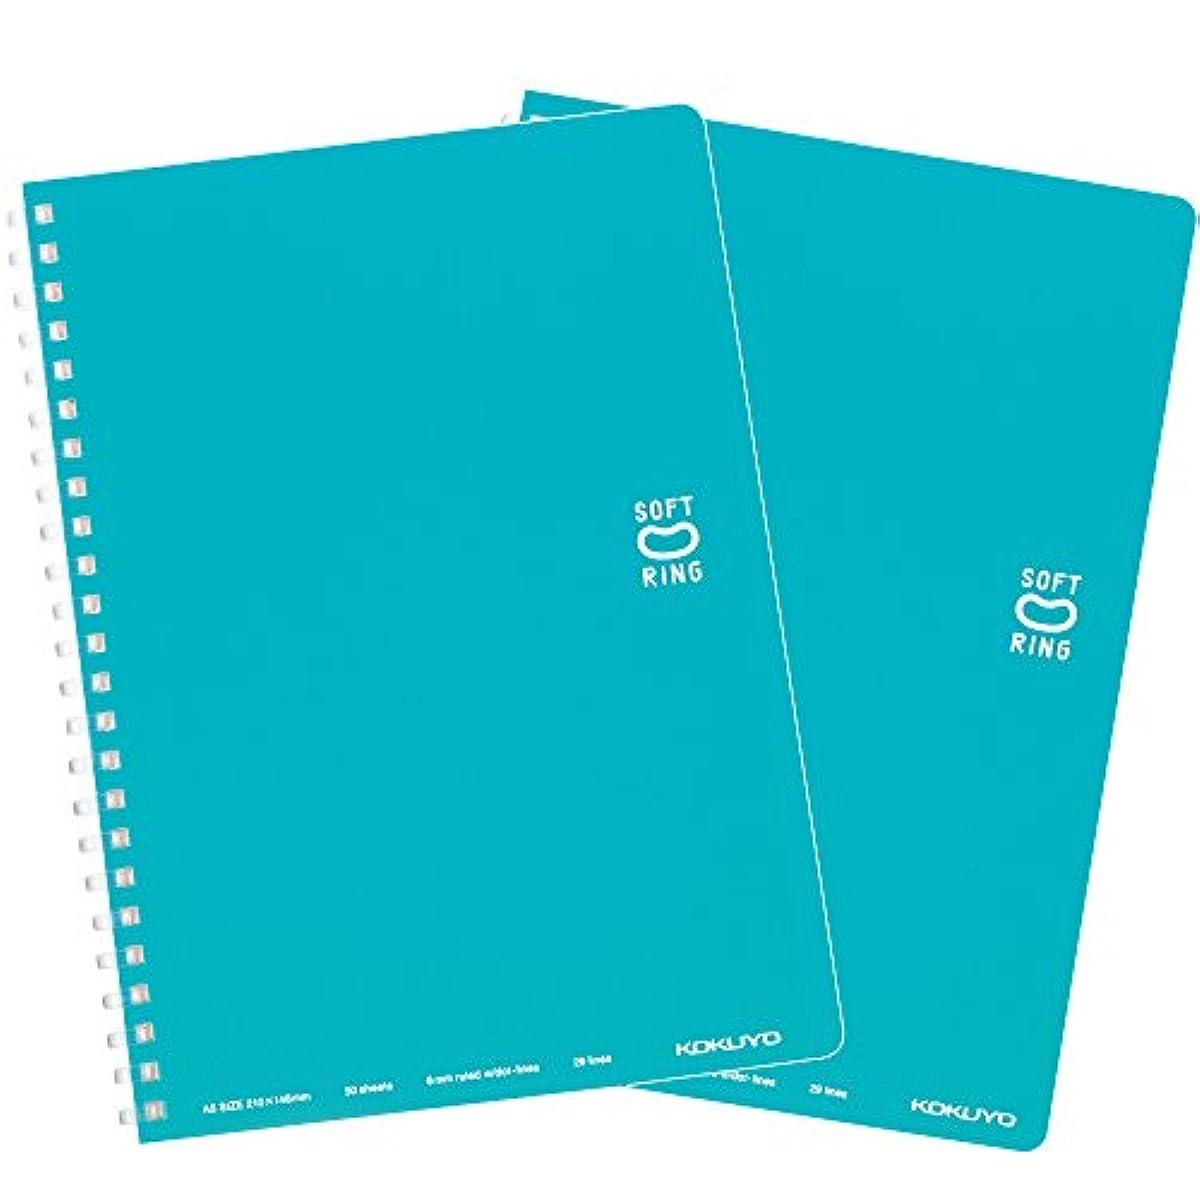 [해외] 코쿠요 소프트링 도트괘선 노트 A5 (50매 x 10권) 세트